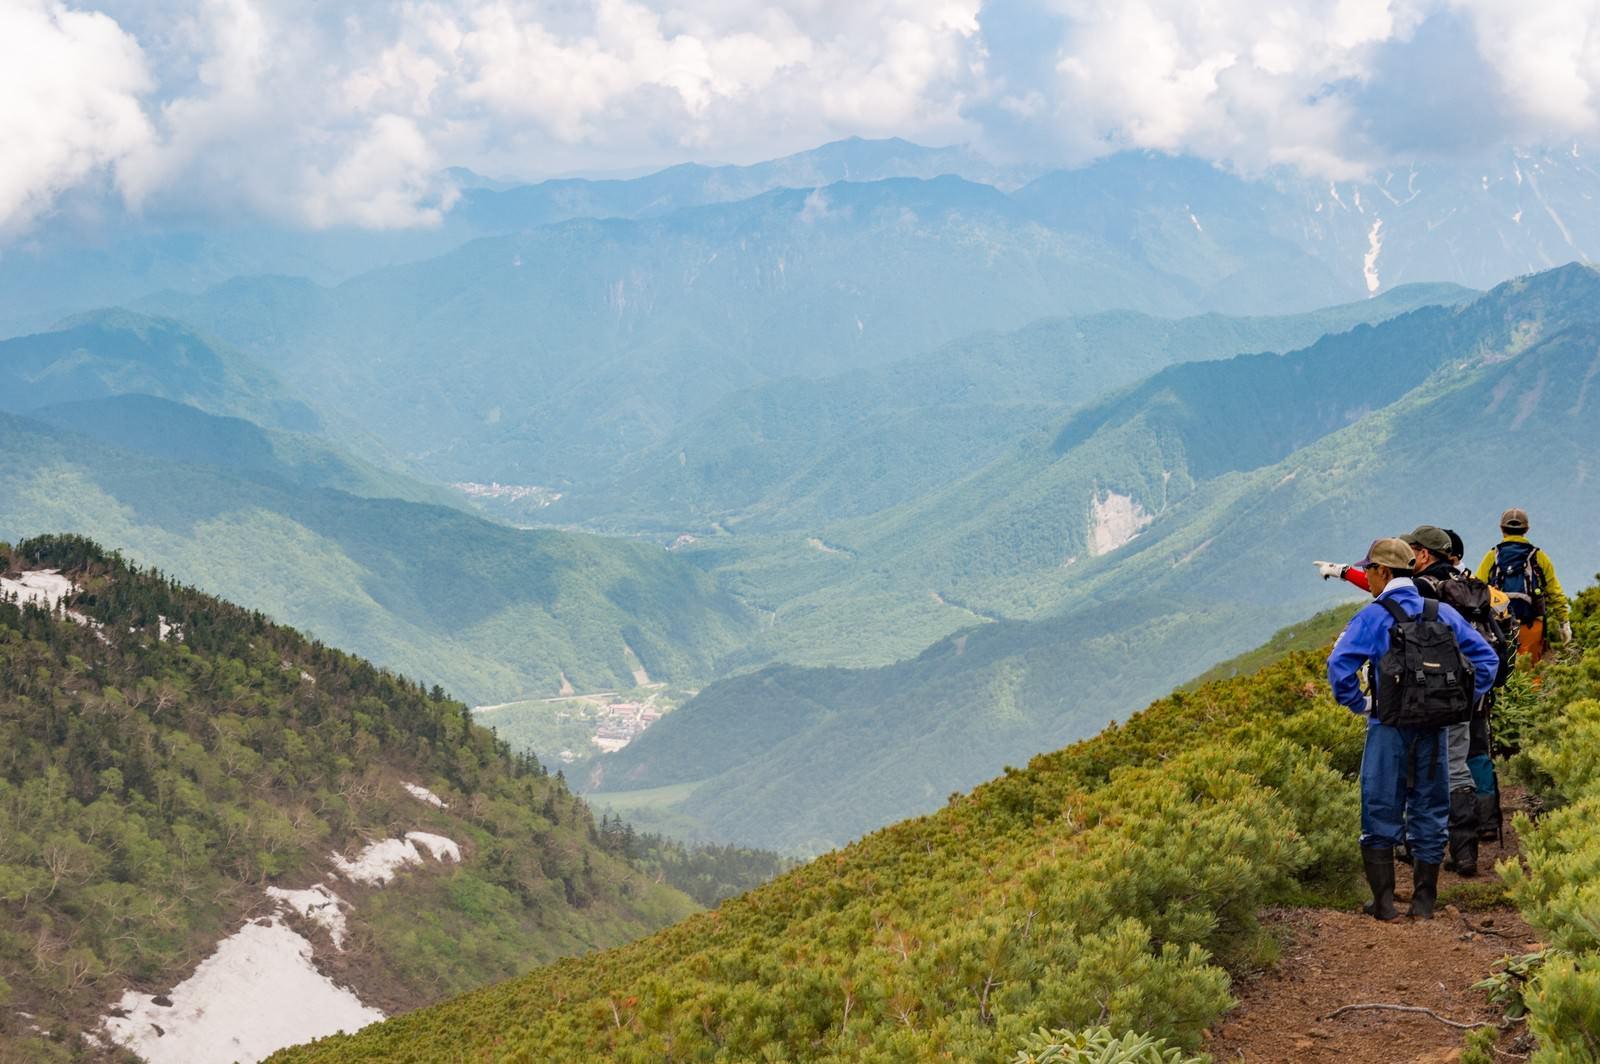 「乗鞍新登山道から見える平湯温泉」の写真